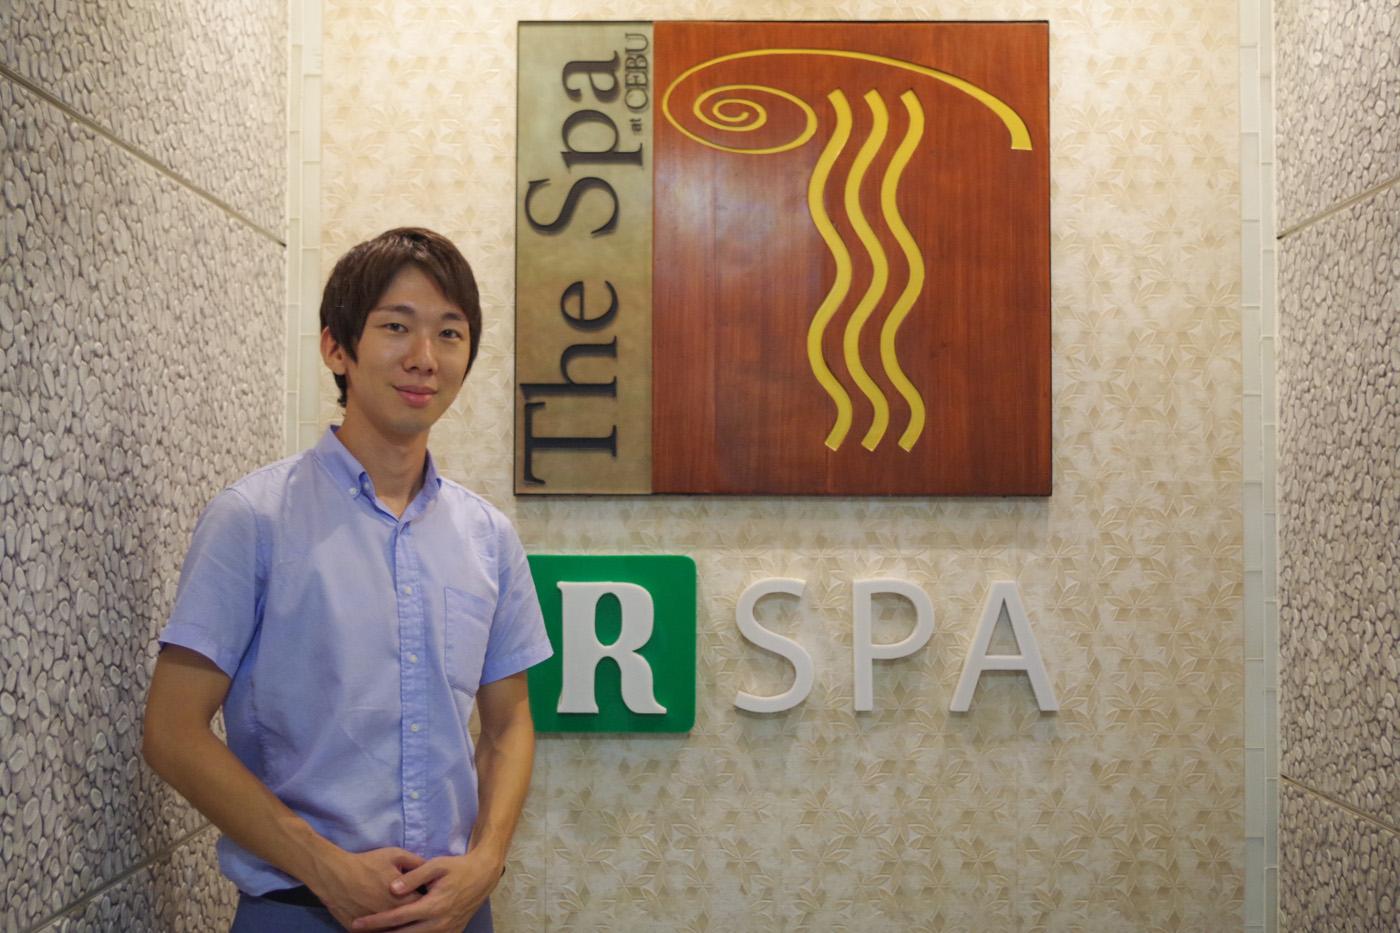 ザ・スパの日本人マネージャーの男性